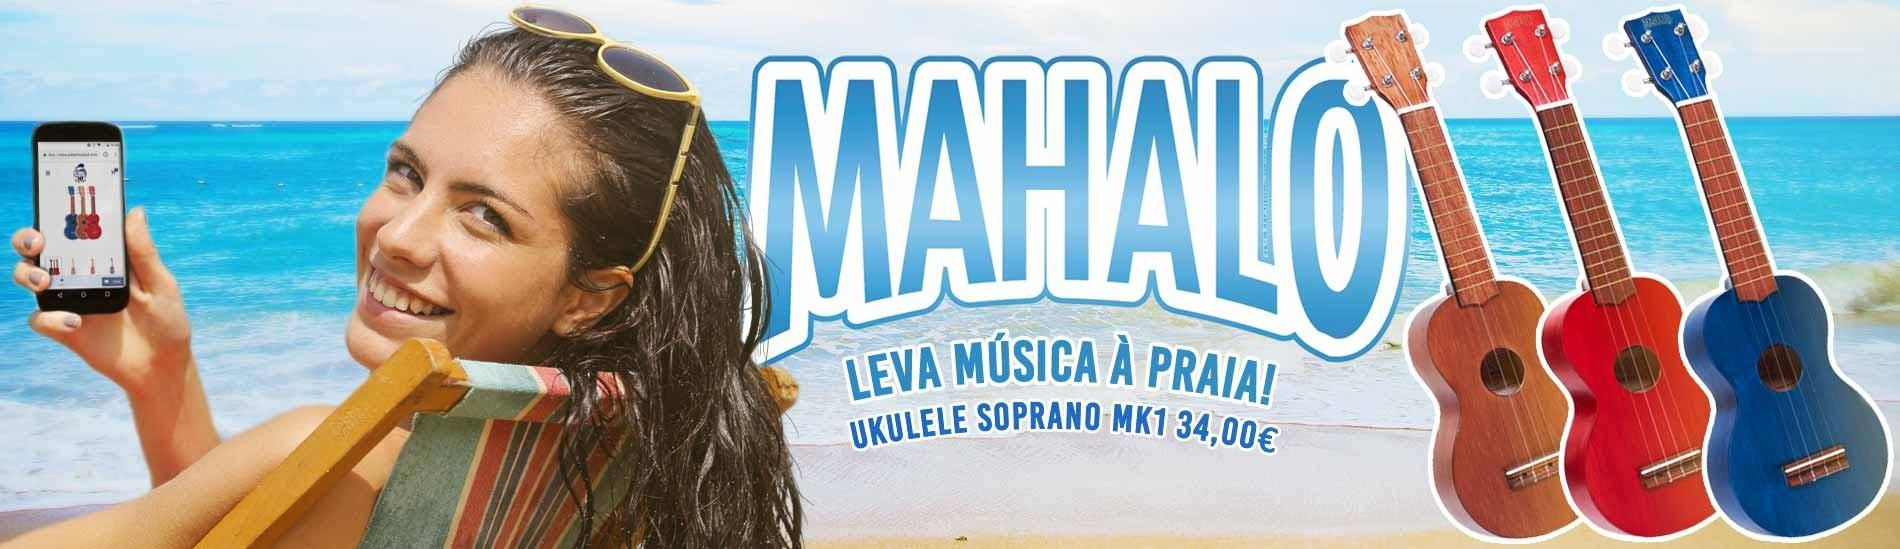 malhao